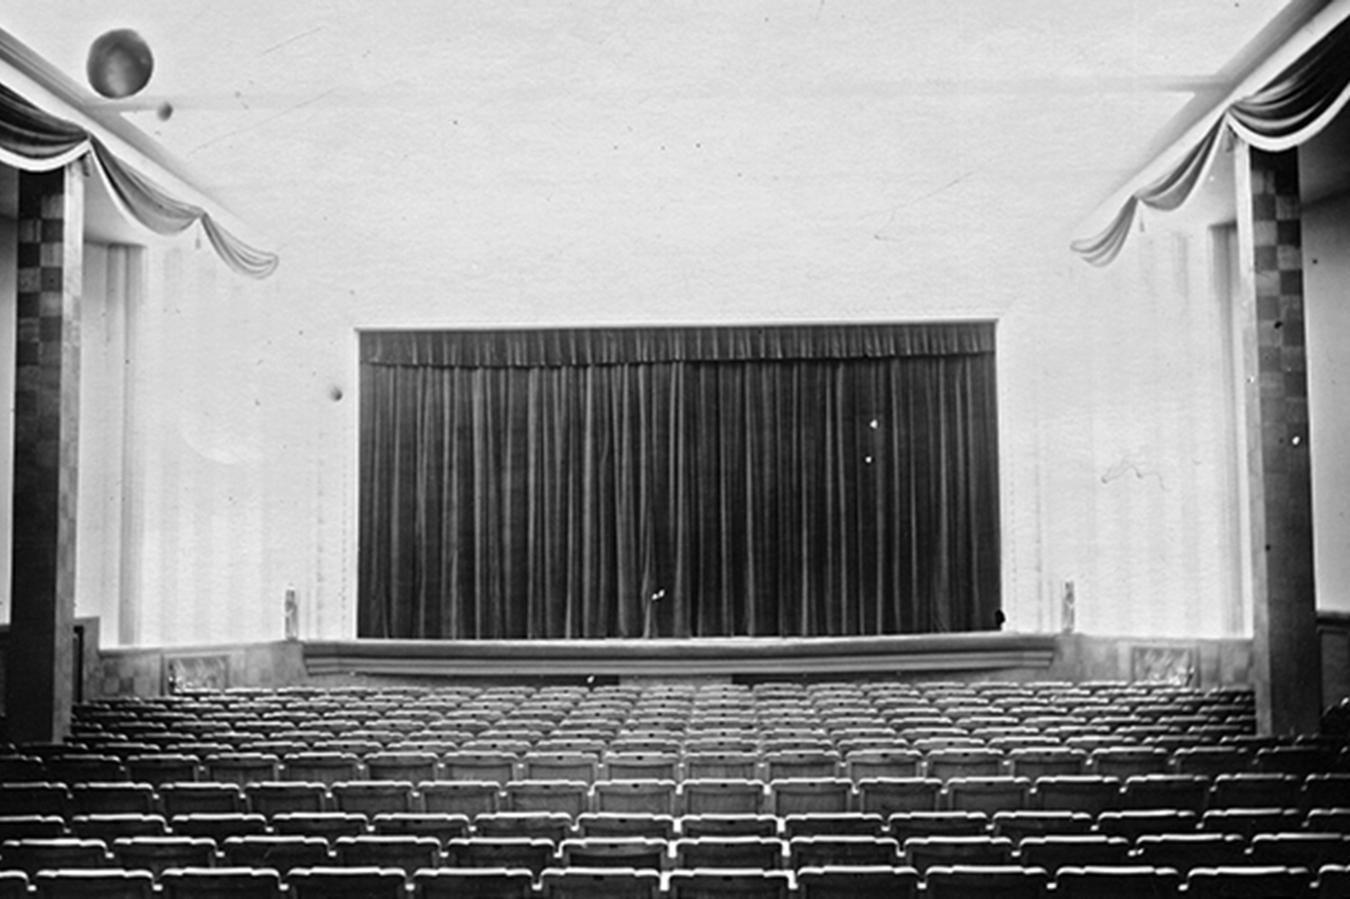 Cine. Santa Bárbara, años 40 - Niebla (2018) - Ana Frechilla, proyecto fotográfico